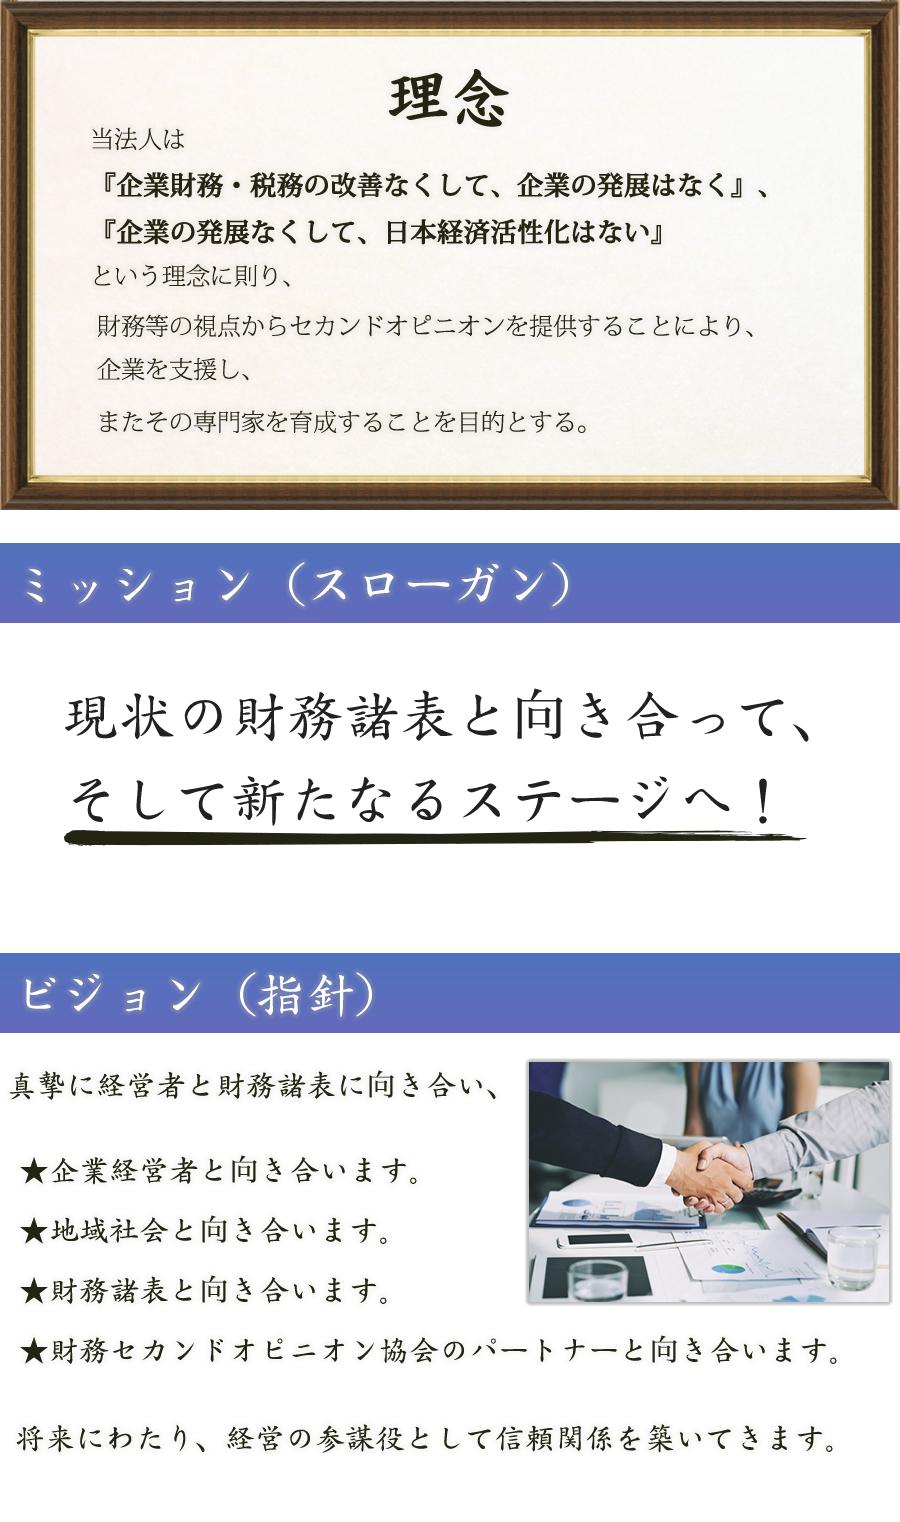 当法人は『企業財務・税務の改善なくして、企業の発展はなく』、『企業の発展なくして、日本経済活性化はない』という理念に則り、財務等の視点からセカンドオピニオンを提供することにより、企業を支援し、またその専門家を育成することを目的とする。ミッション(スローガン)現状の財務諸表と向き合って、そして新たなるステージへ!ビジョン(指針)真摯に経営者と財務諸表に向き合い、★企業経営者と向き合います。★地域社会と向き合います。★財務諸表と向き合います。★財務セカンドオピニオン協会のパートナーと向き合います。将来にわたり、経営の参謀役として信頼関係を築いてきます。